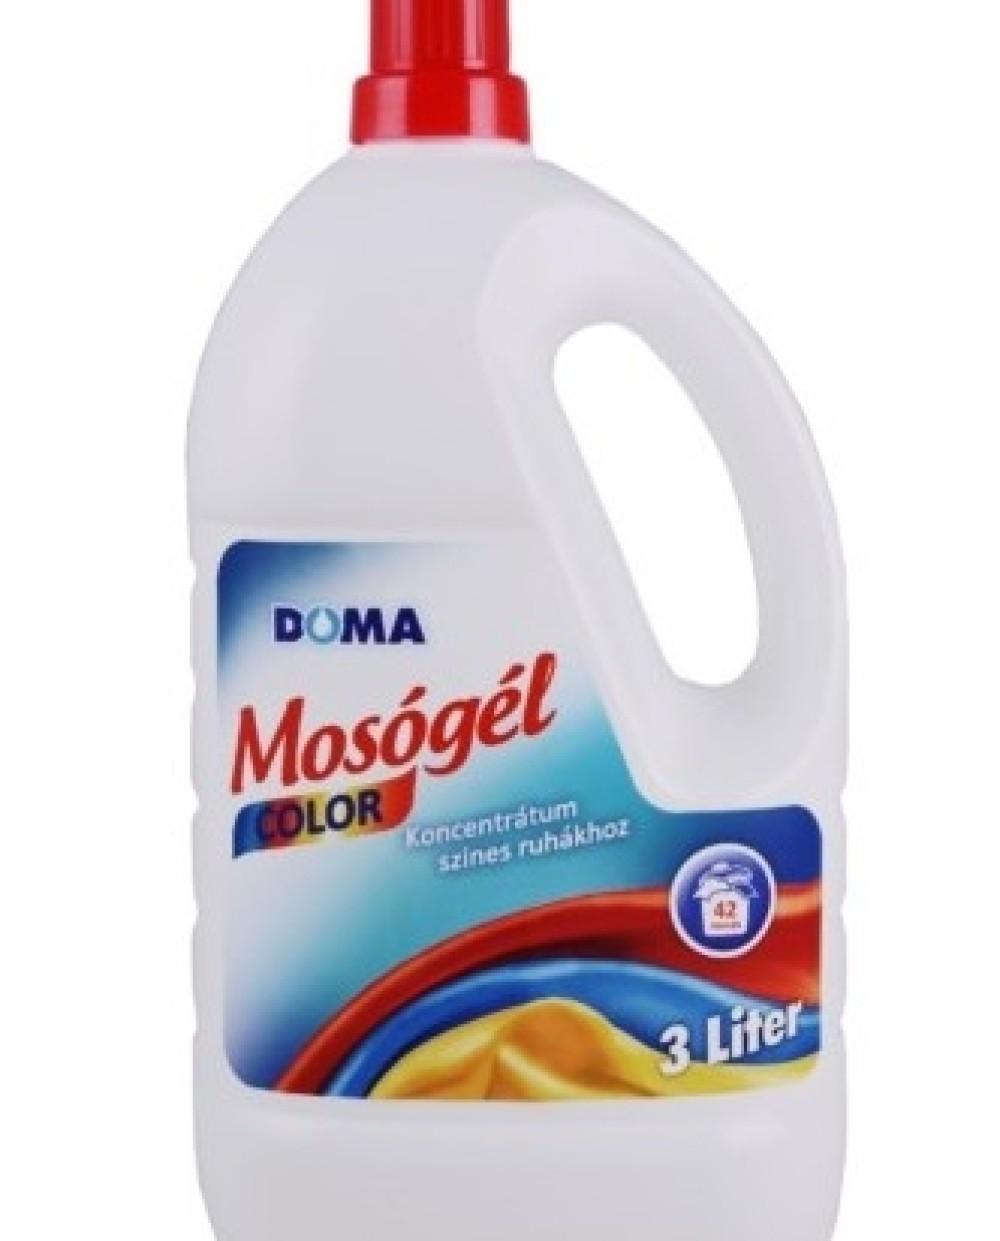 DOMA CLEAN MOSOGÉL COLOR 3L